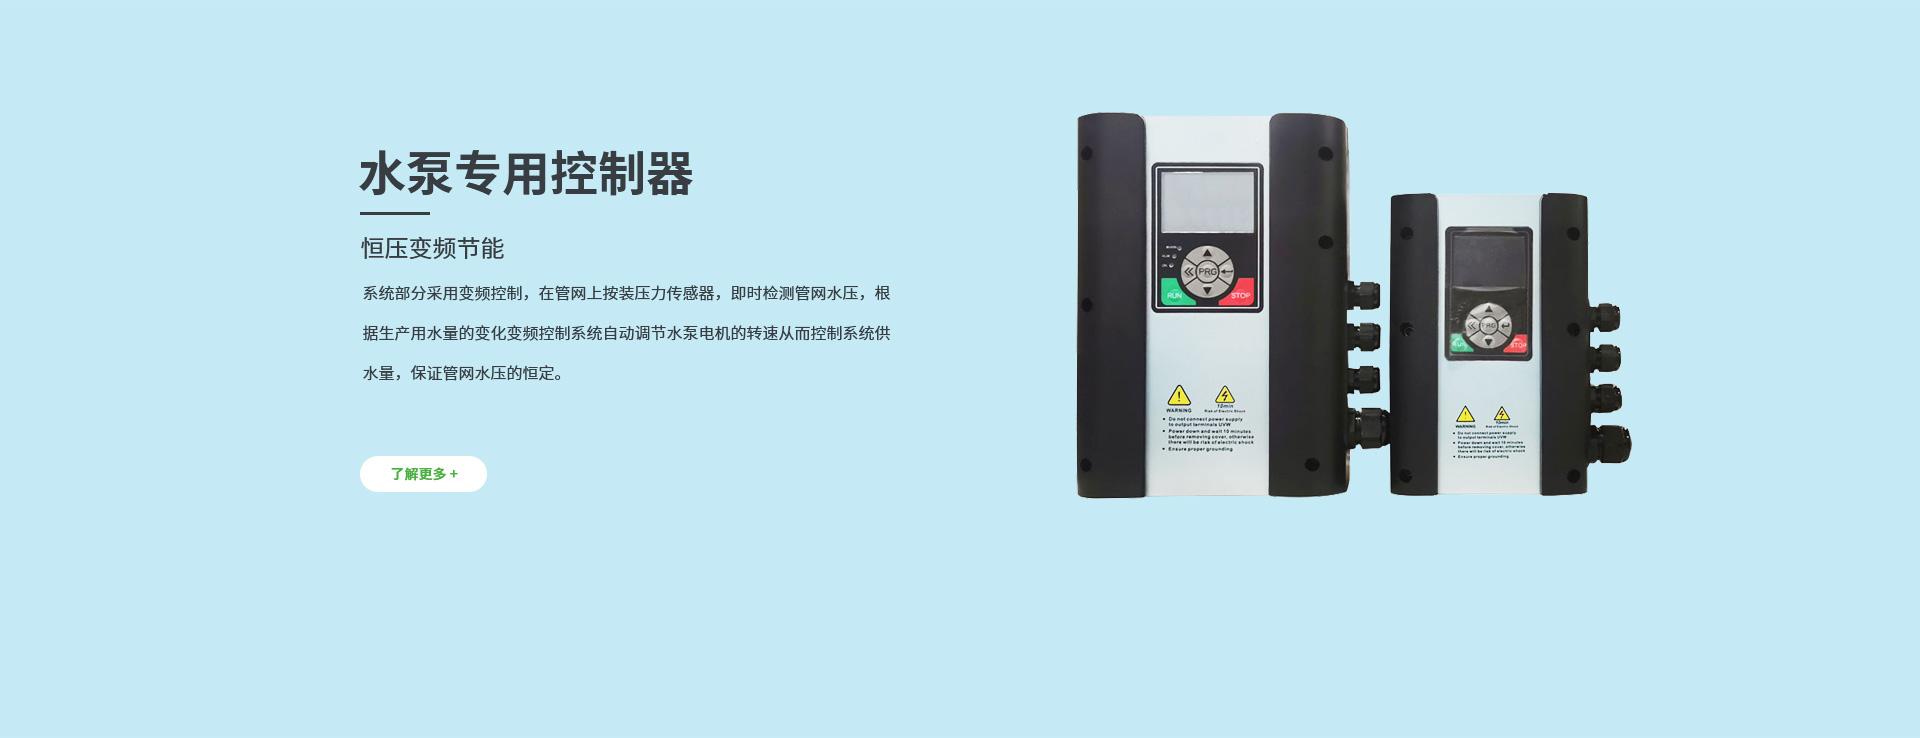 水泵专用控制器